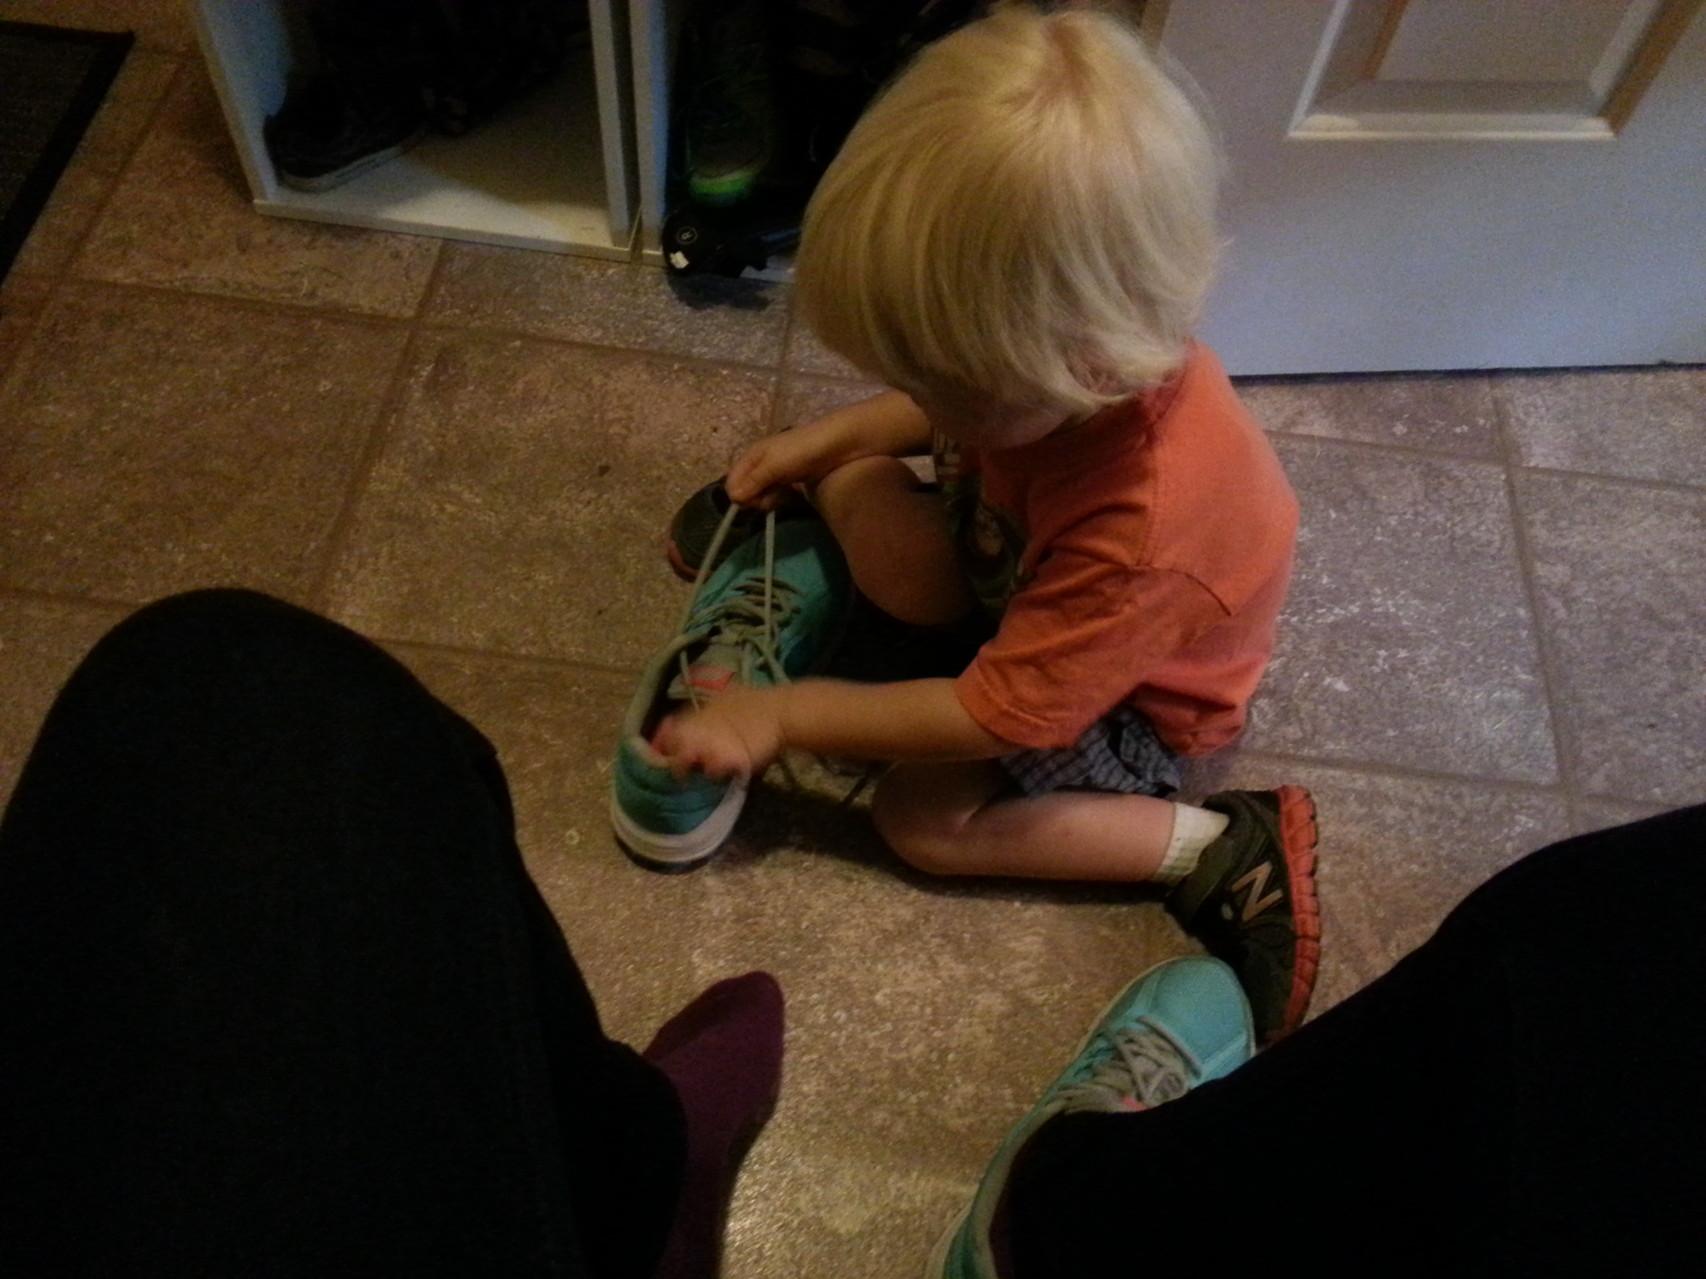 da ich ihm immer helfe, möchte er nun mir helfen meine Schuhe anzuziehen